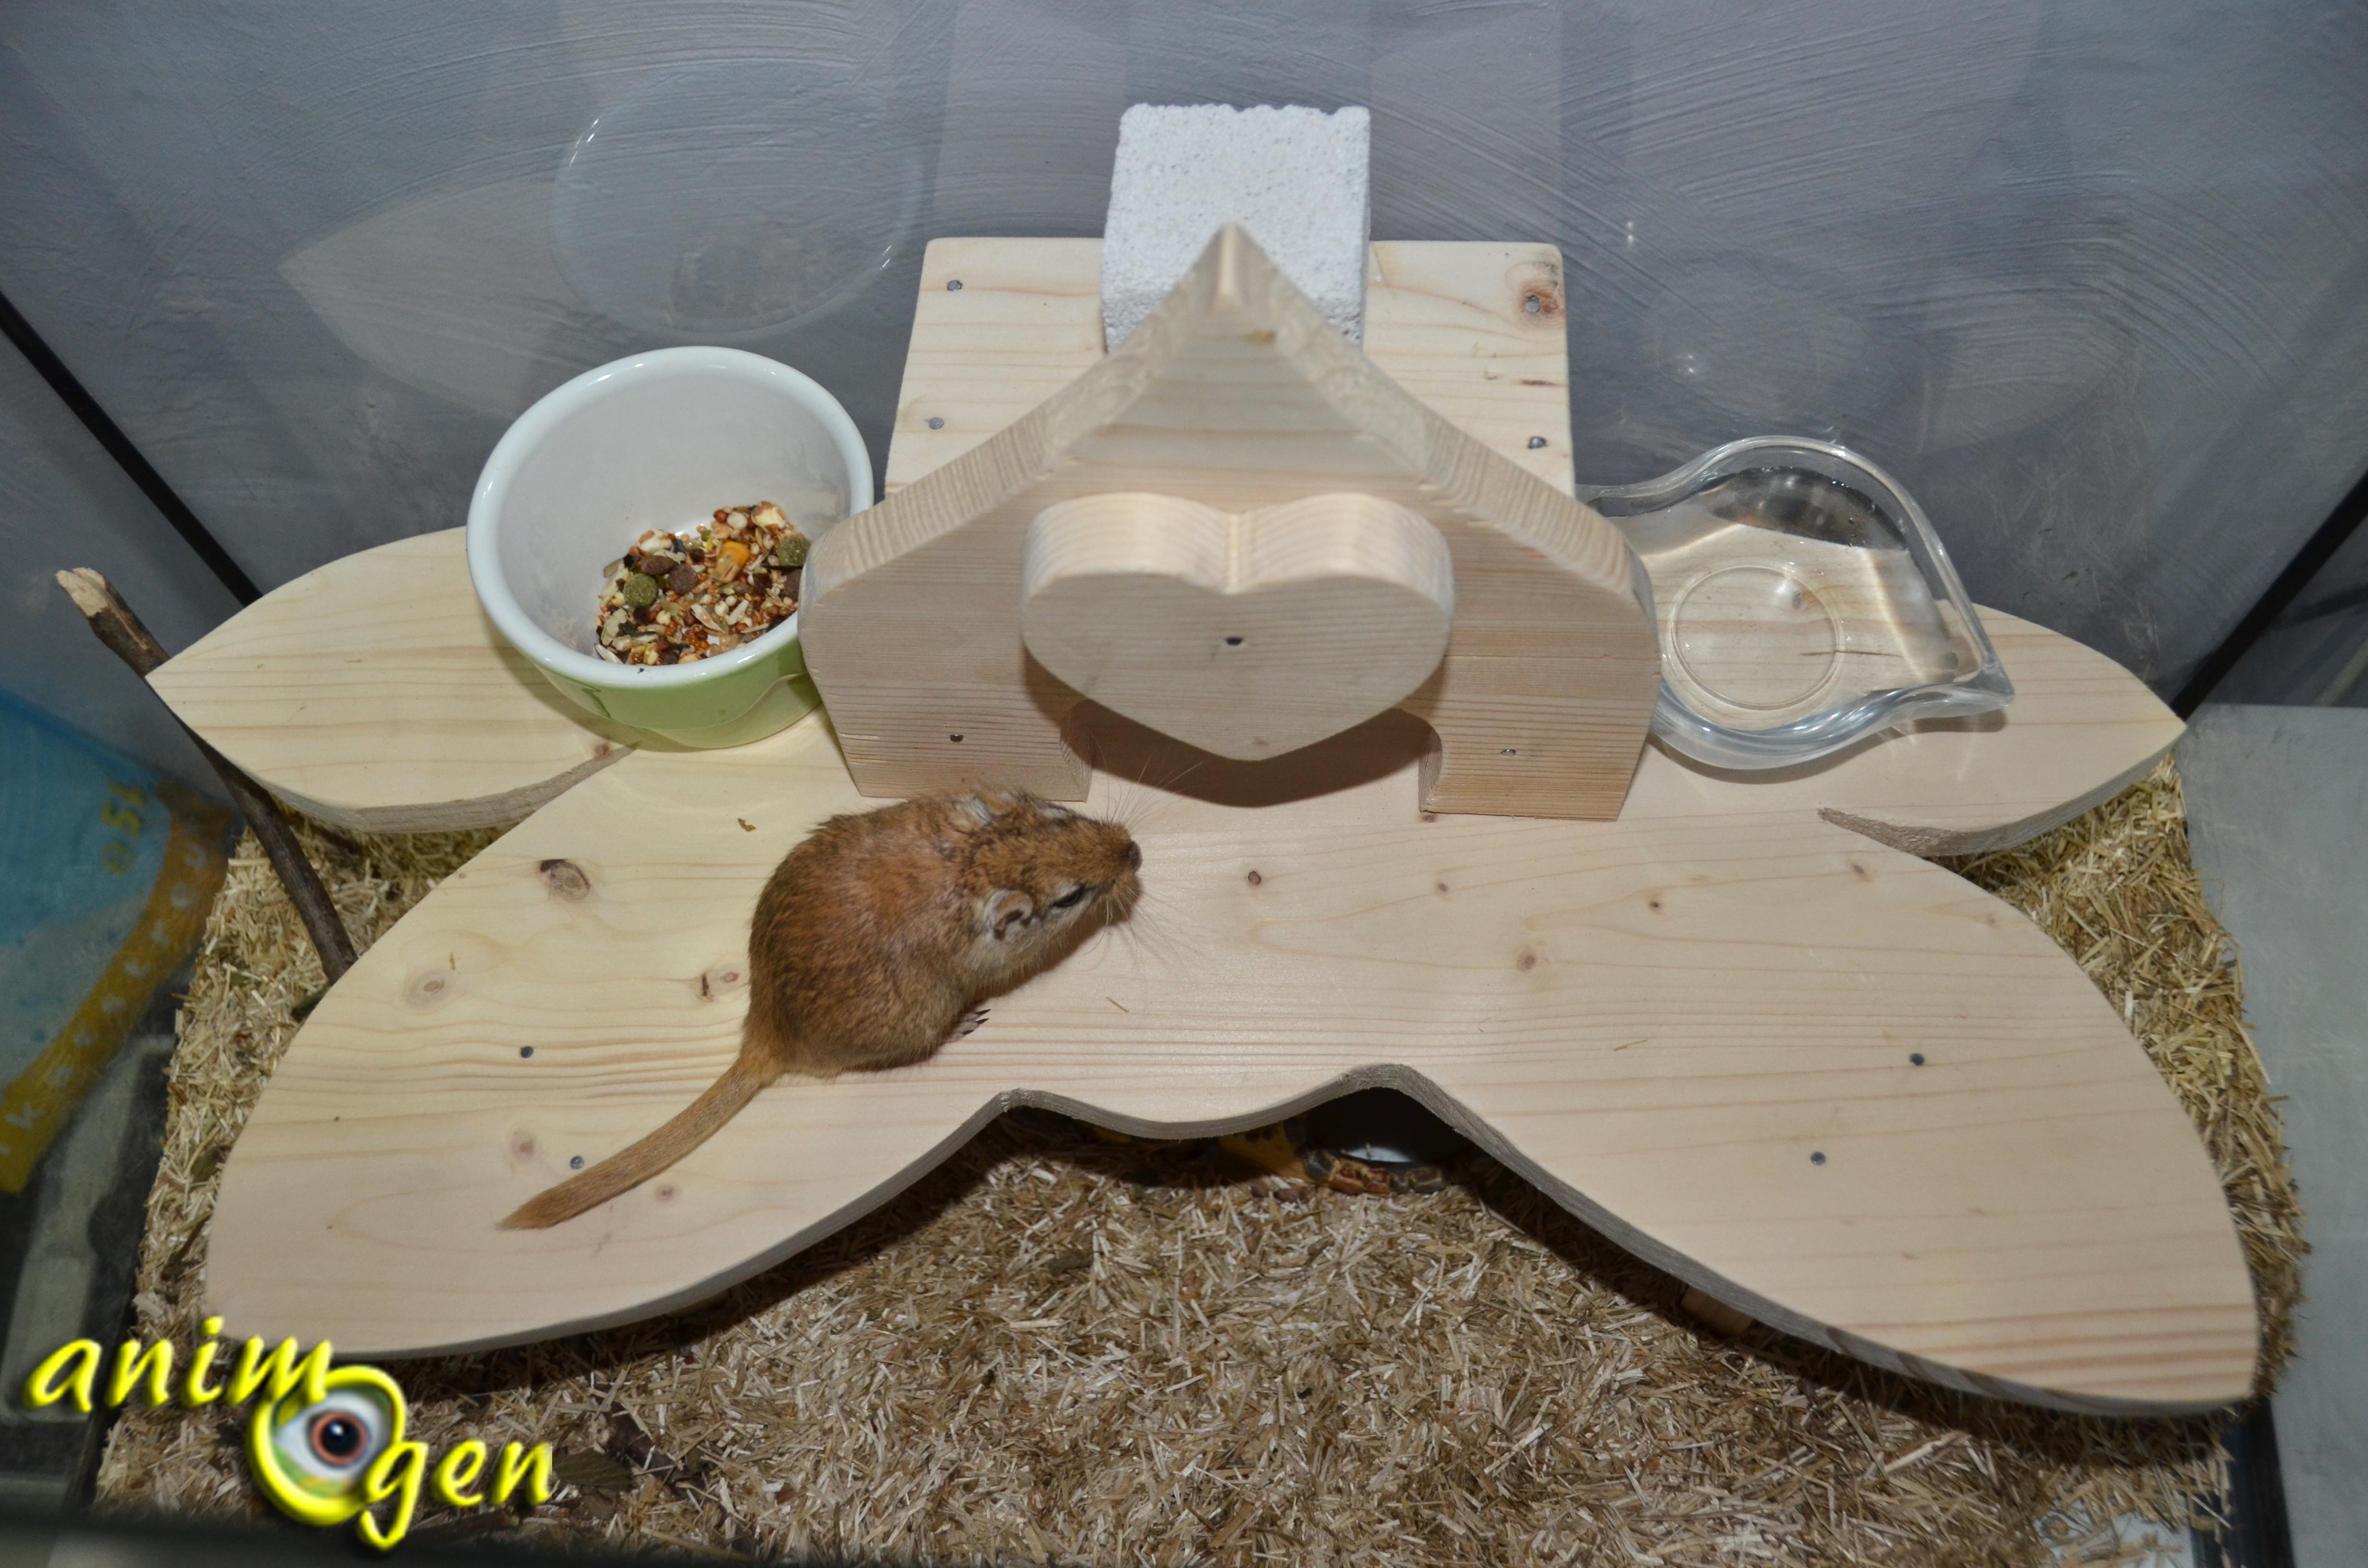 Accessoire pour rongeurs comment fabriquer une - Fabriquer une chevre pour couper le bois ...